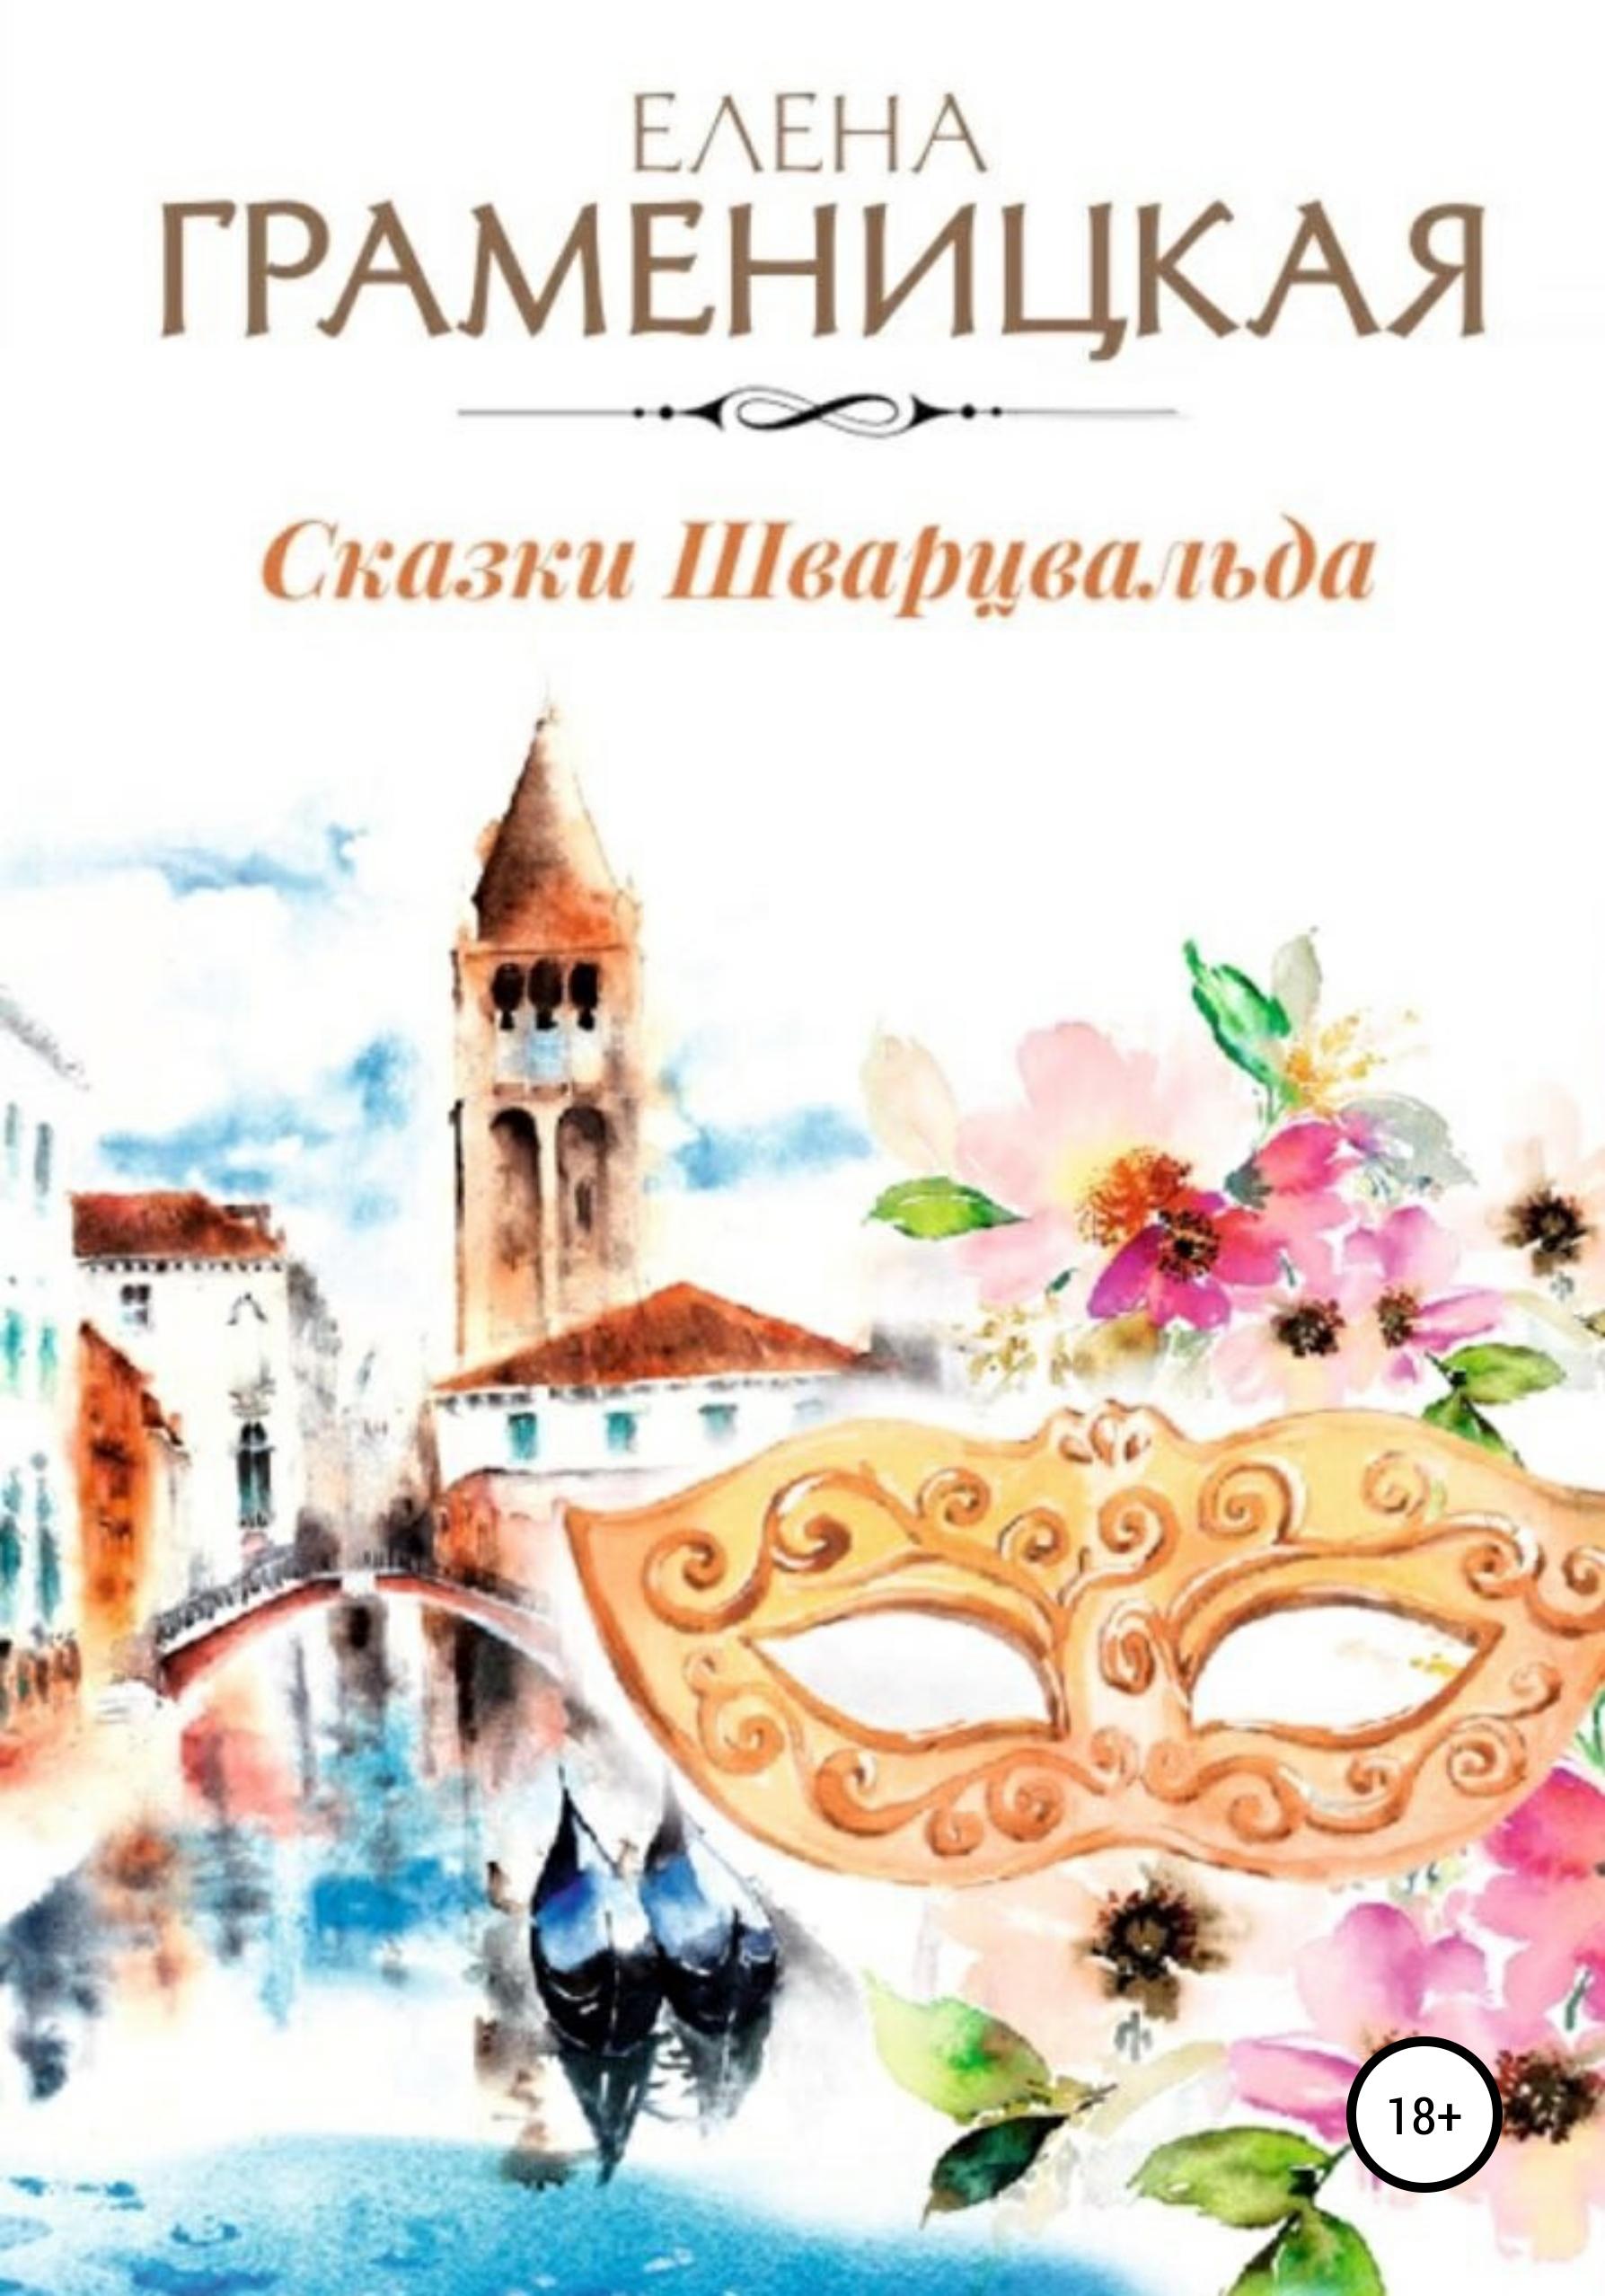 Купить книгу Сказки Шварцвальда, автора Елены Граменицкой